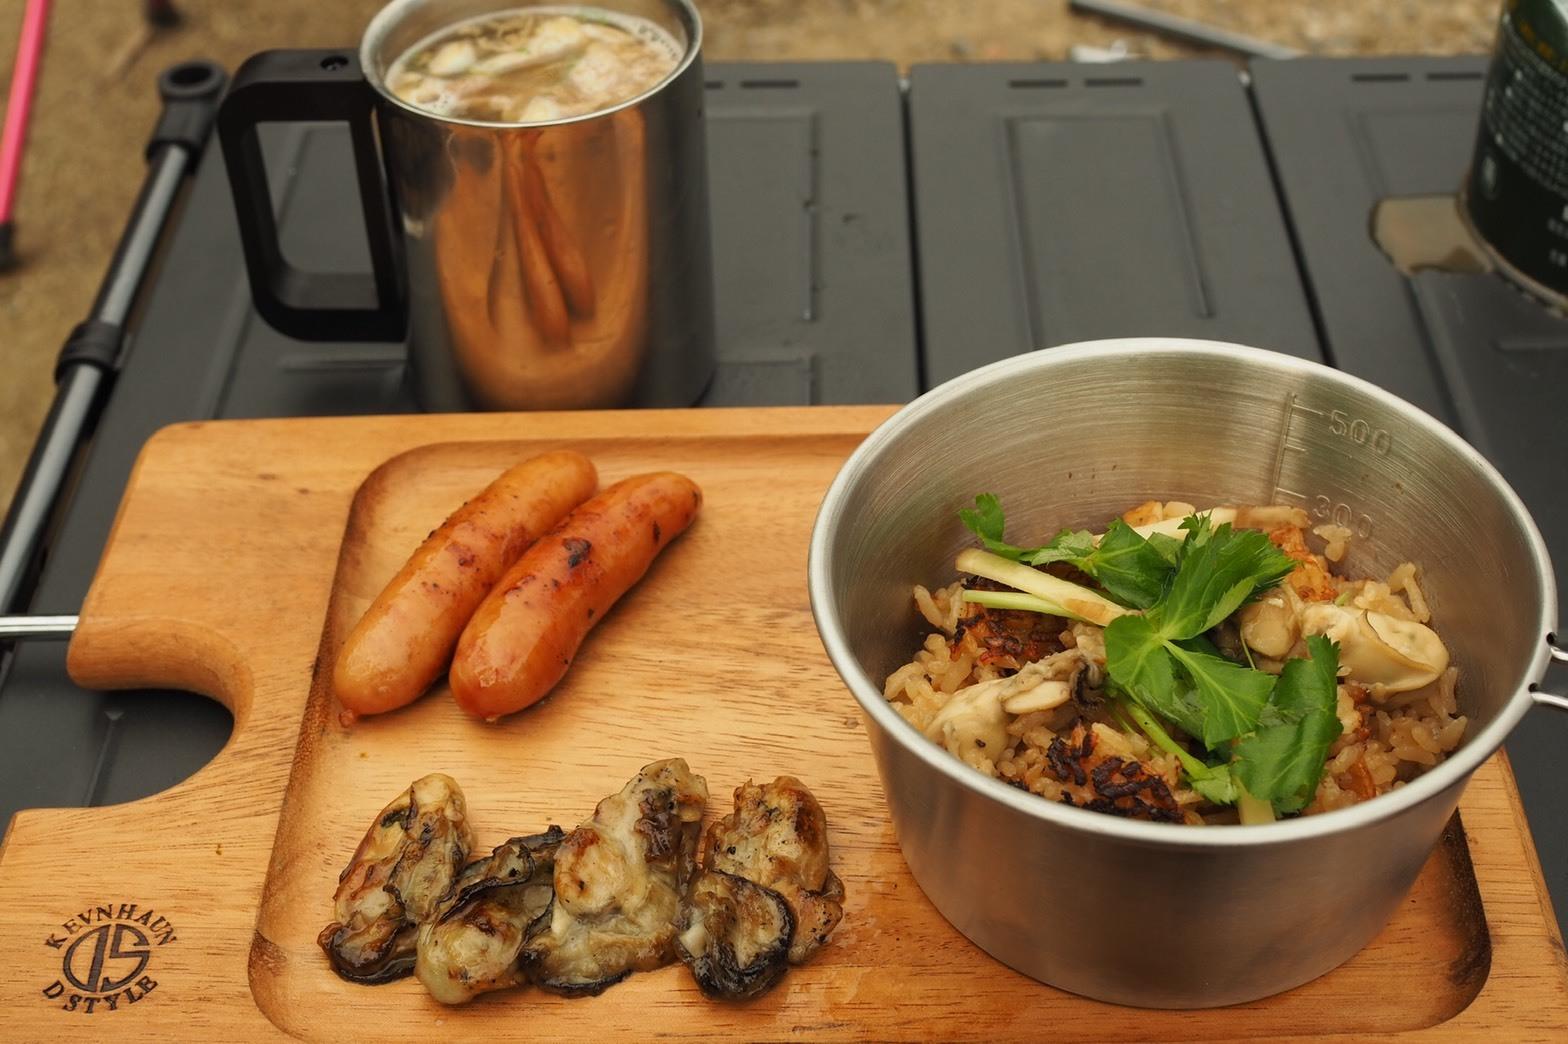 ぴーきちグルメブログ キャンプ飯 メスティン 牡蠣ご飯 作り方 朝食完成